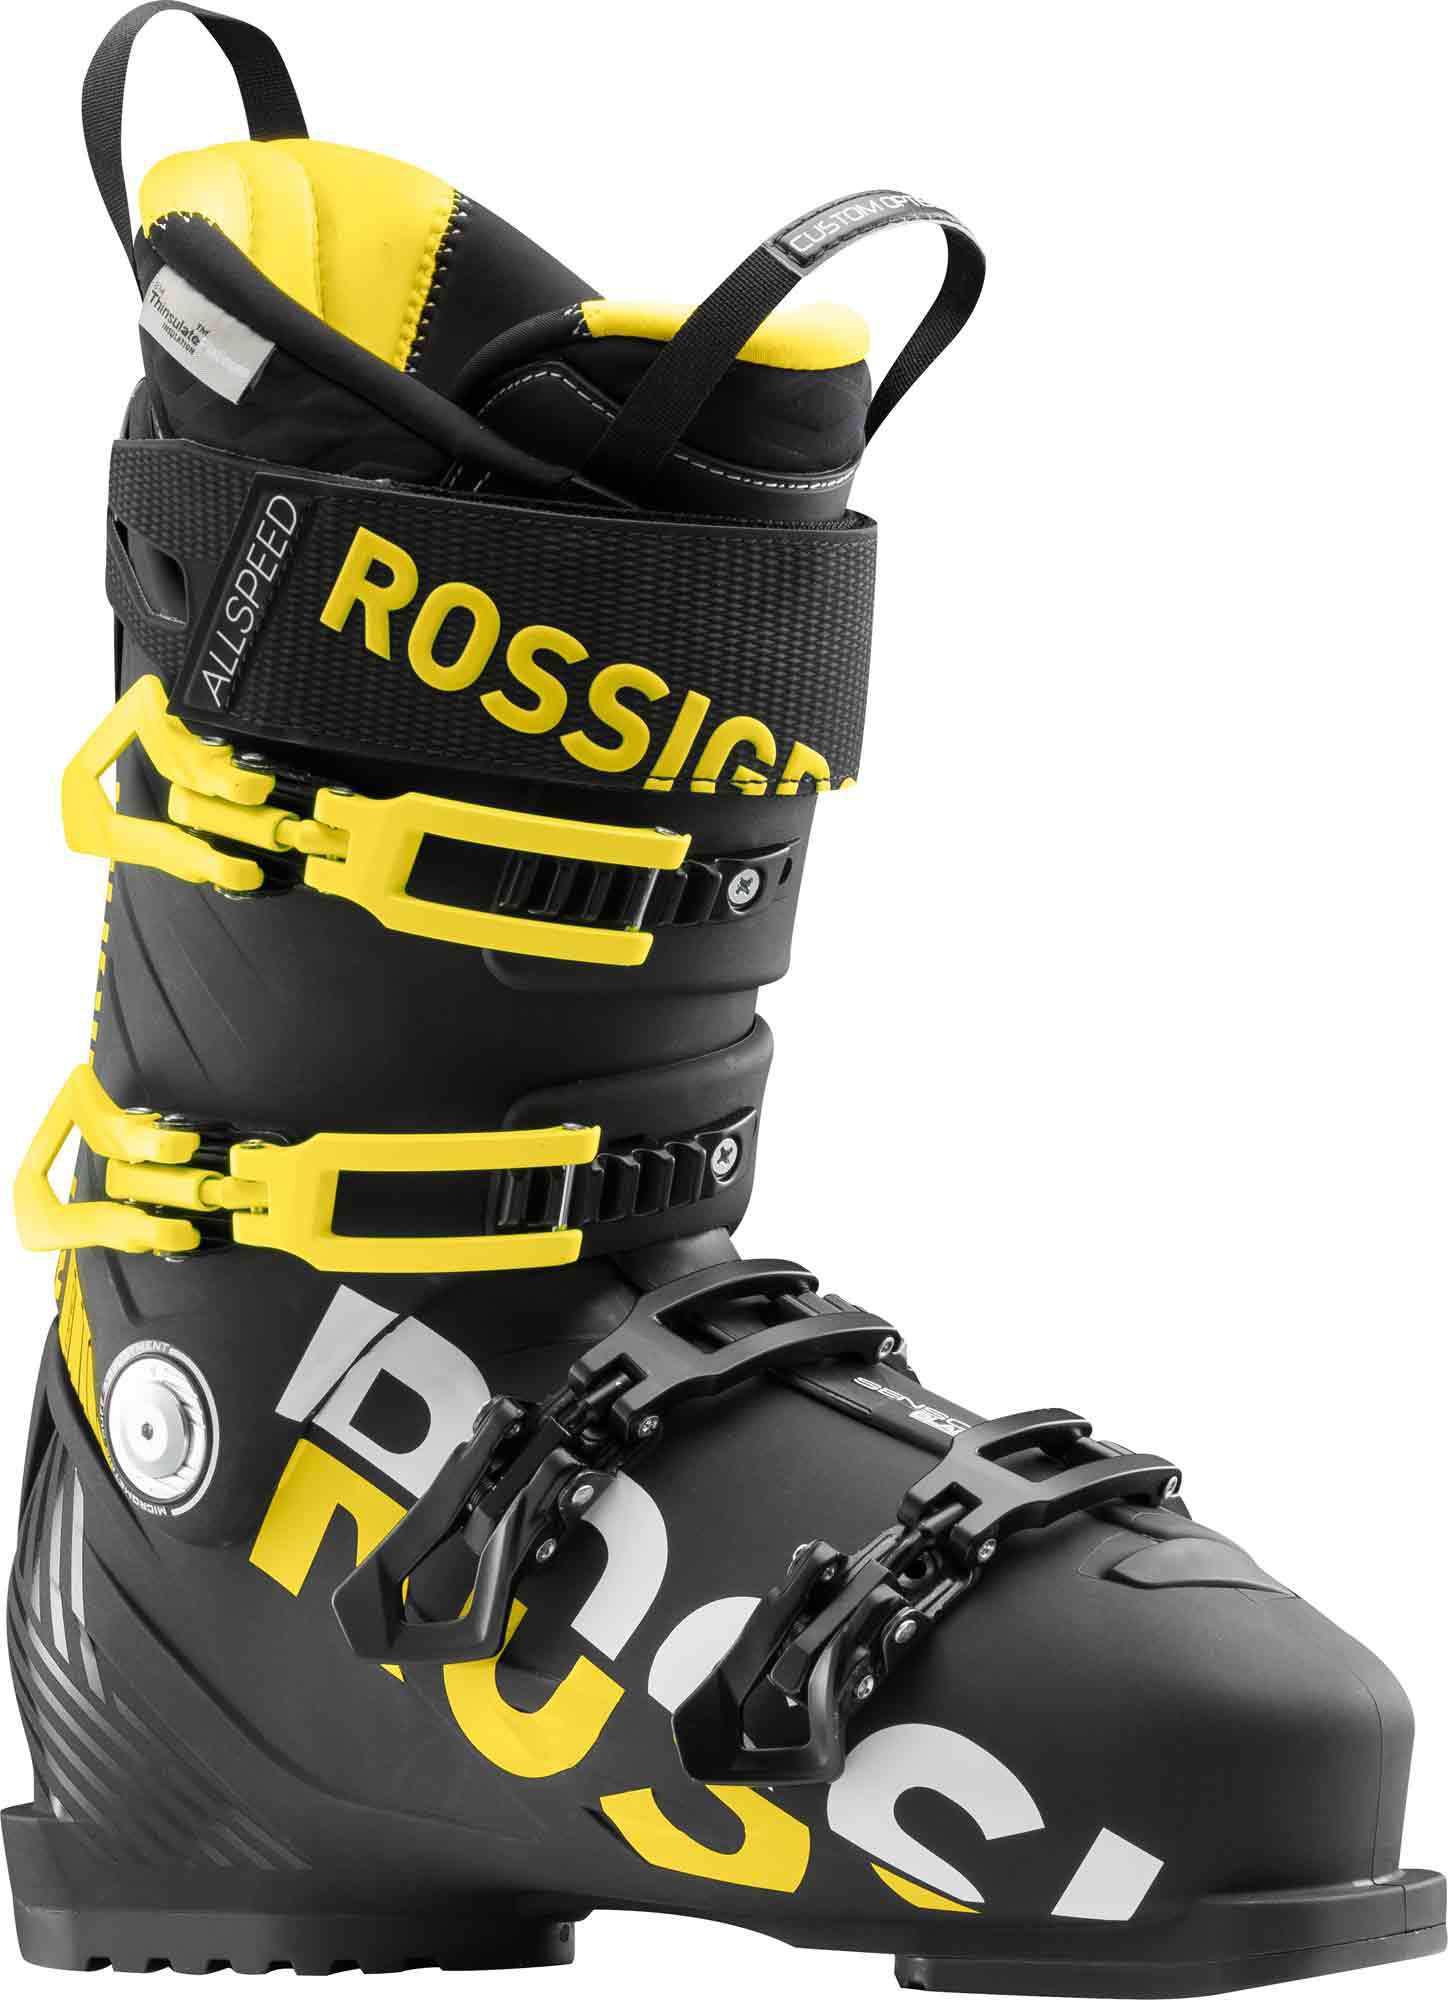 Купить Горнолыжные ботинки ROSSIGNOL 2017-18 ALLSPEED PRO 110 BLACK, Ботинки горнoлыжные, 1363771